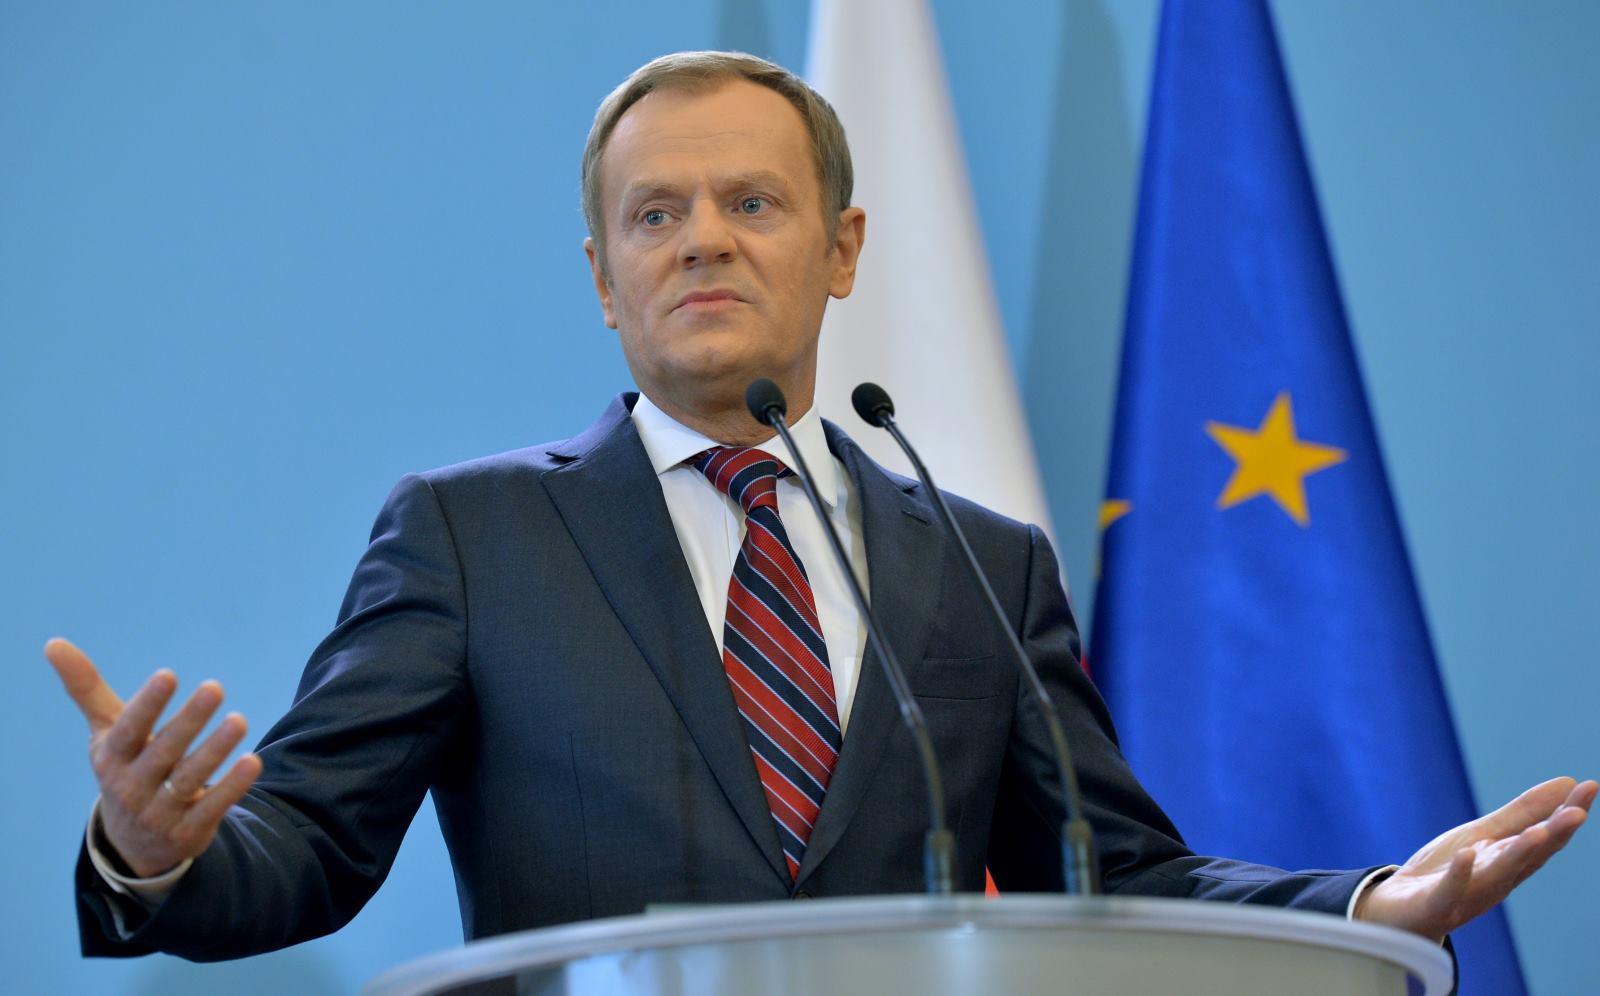 20 лютого Дональд Туск, президент Європейської Ради, відвідає Університет